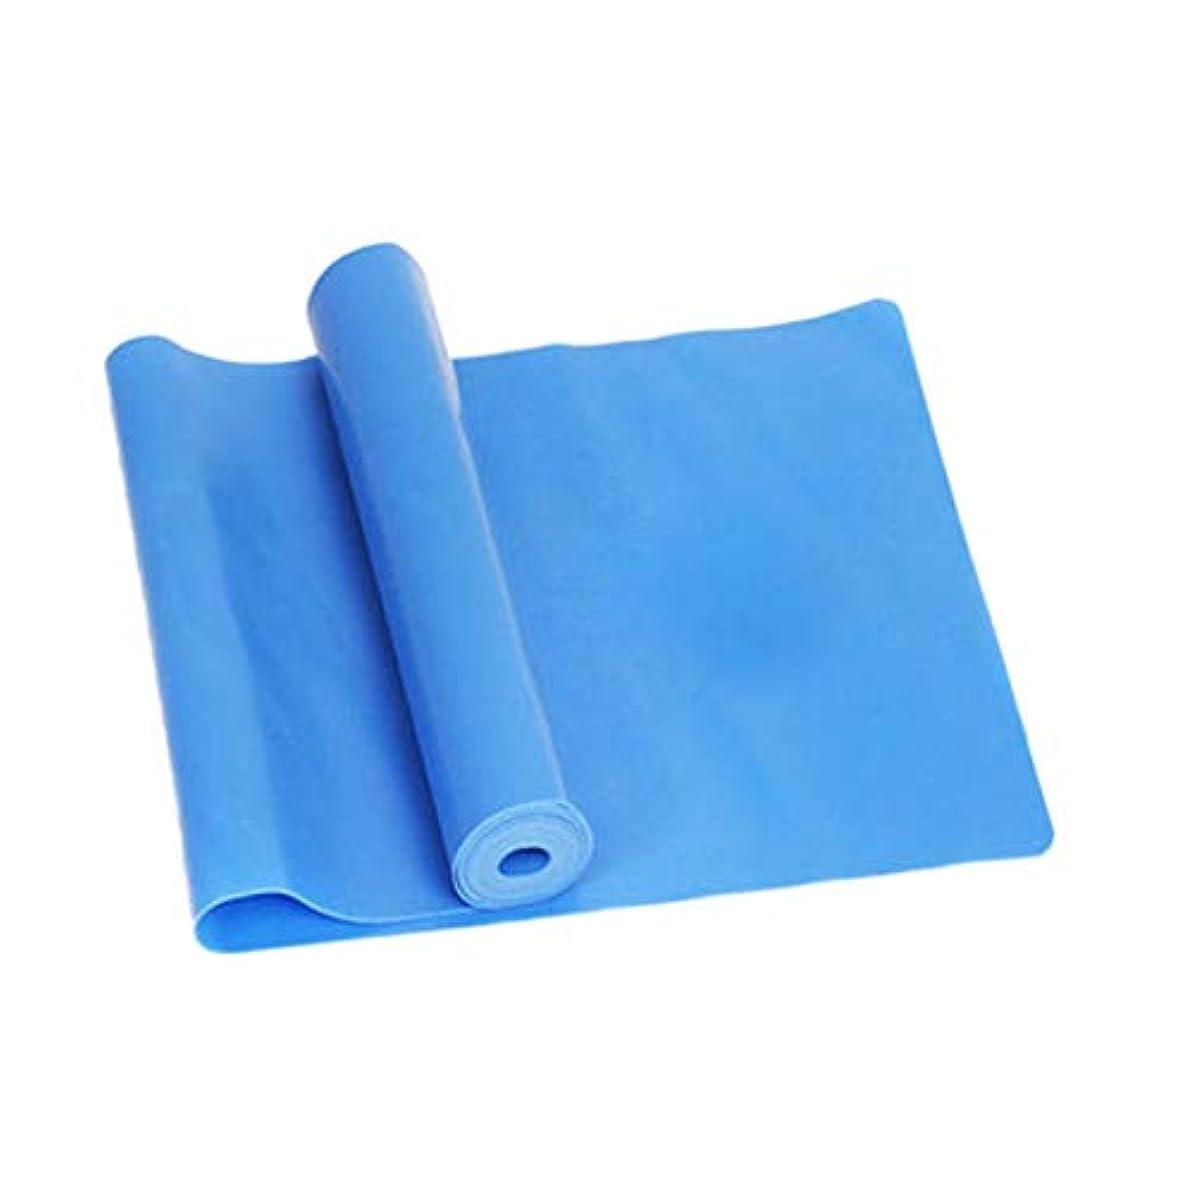 早くどこにもガムスポーツジムフィットネスヨガ用品筋力トレーニング弾性抵抗バンドトレーニングヨガゴムループスポーツピラテスバンド - ブルー